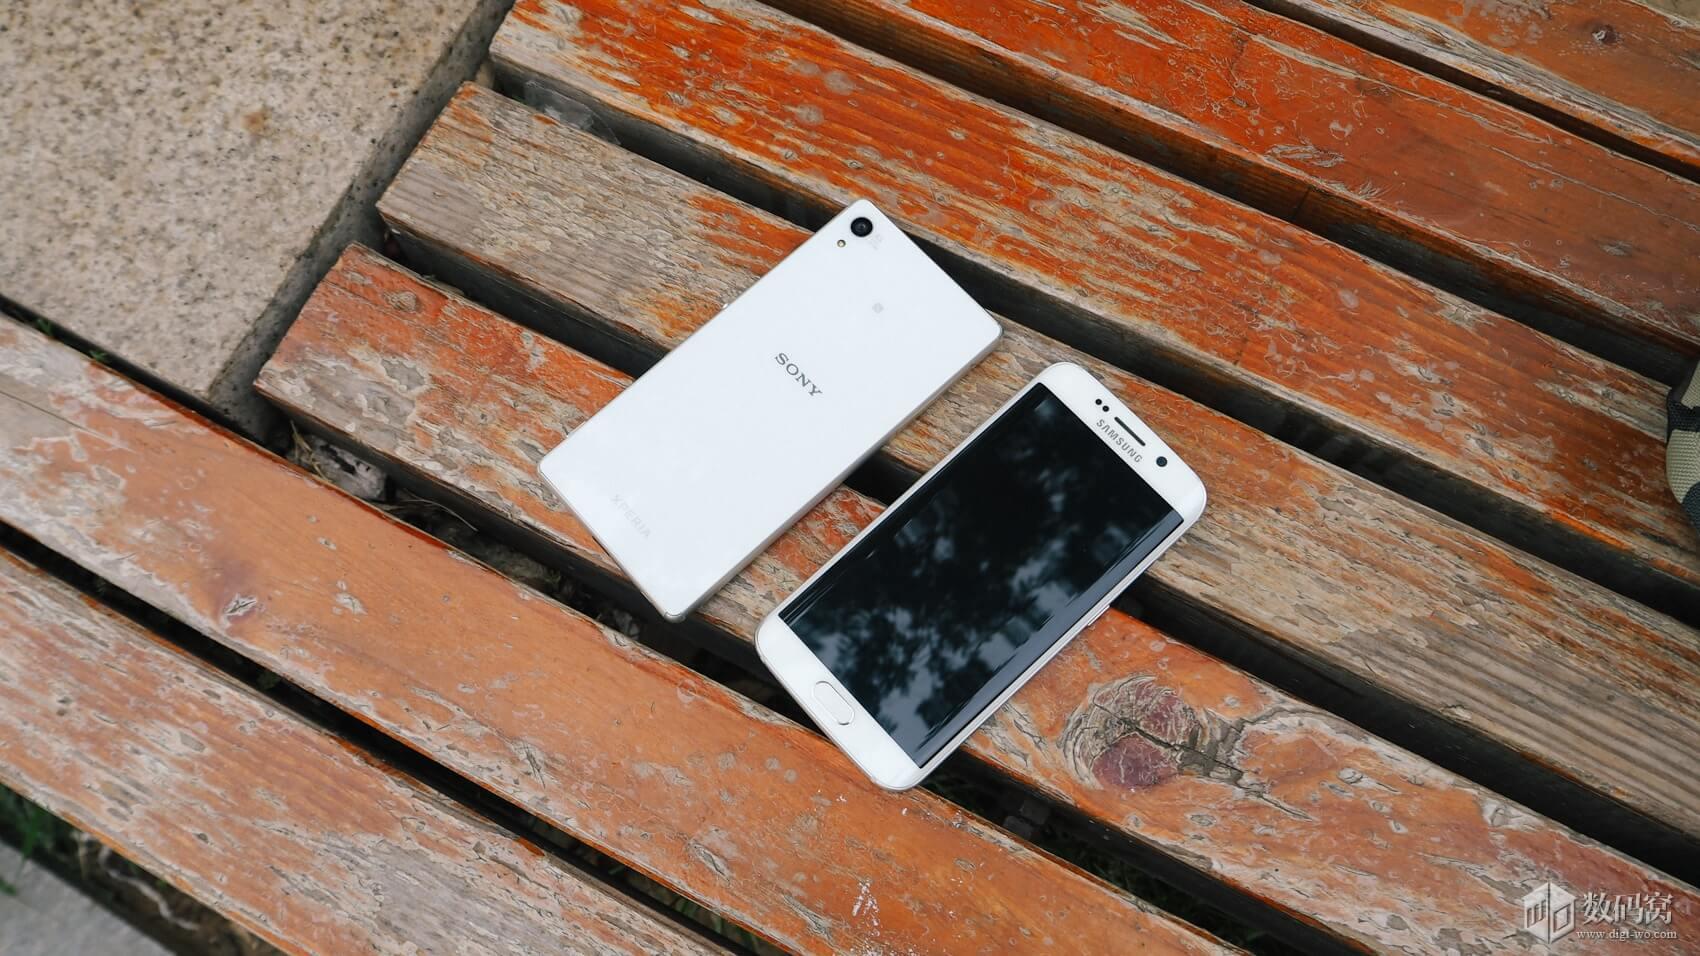 Hands on Galaxy S6 Edge vs Xperia Z3+